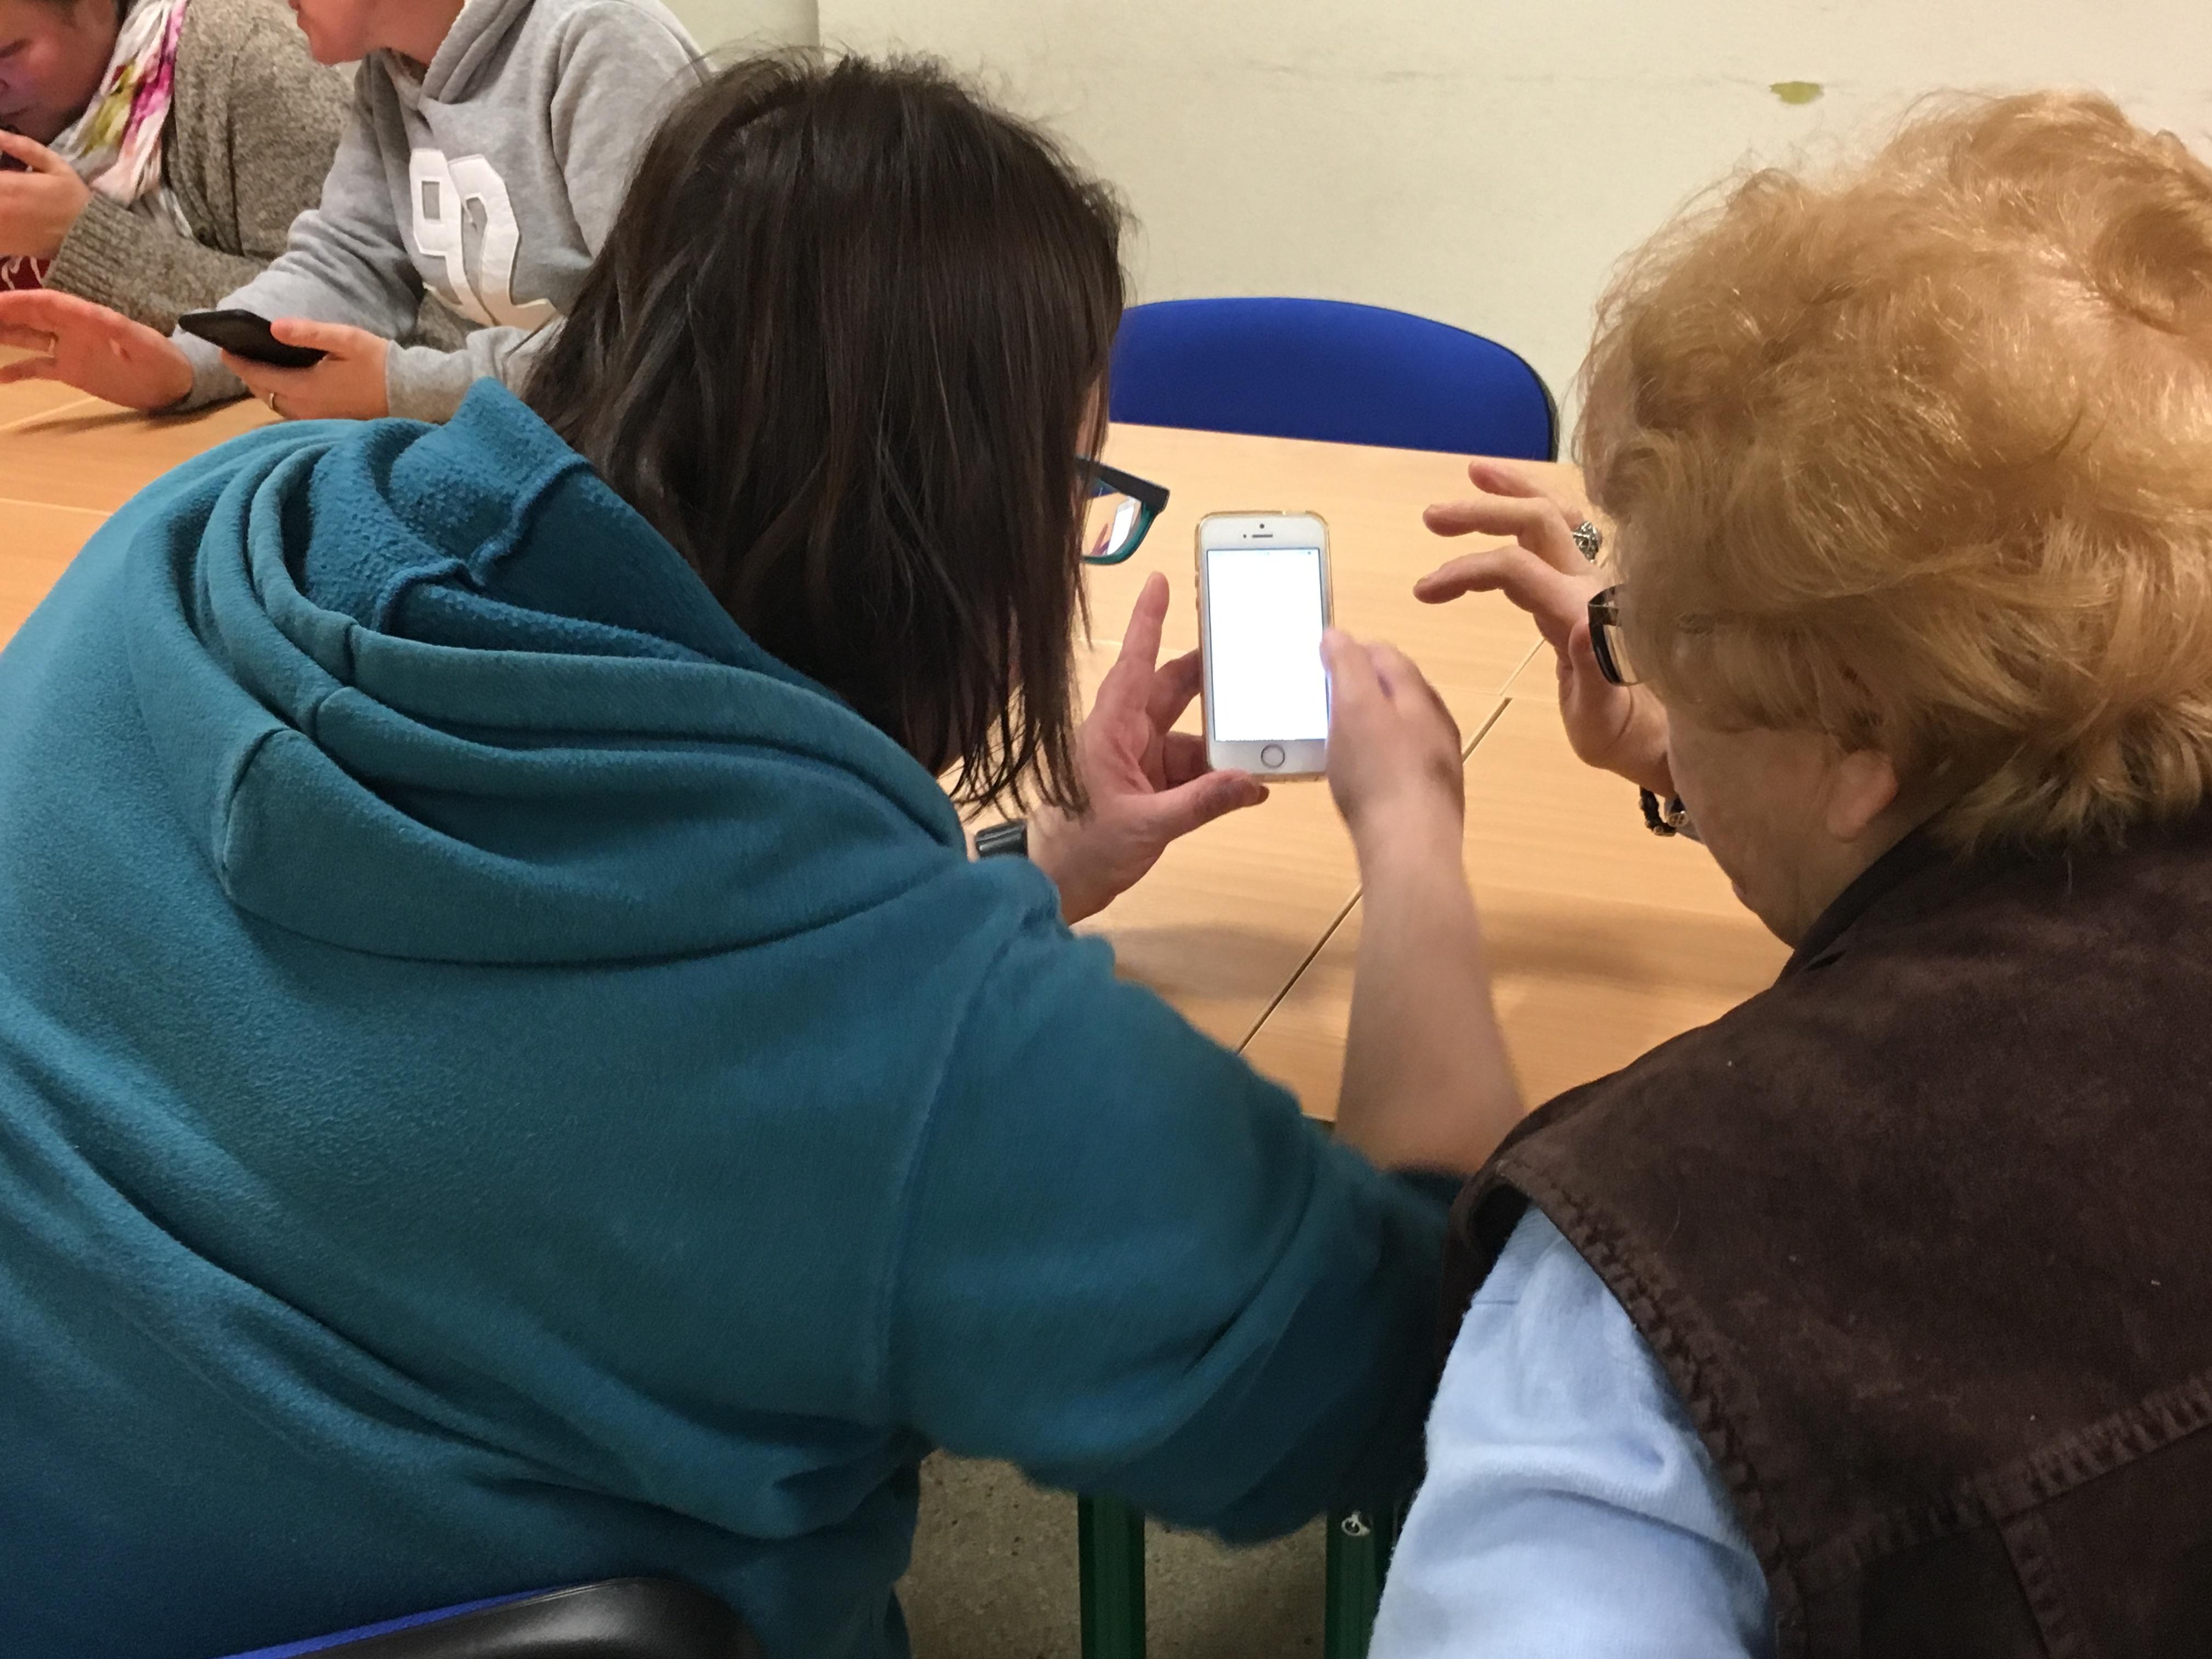 Brunetka w okularach i niebieskiej bluzie z kapturem trzyma dwiema rękami smartfon pokazując coś na nim siedzącej obok blondynce w krótkich włosach, która trzyma dłoń blisko smartfona. Panie sfotografowane od tyłu.